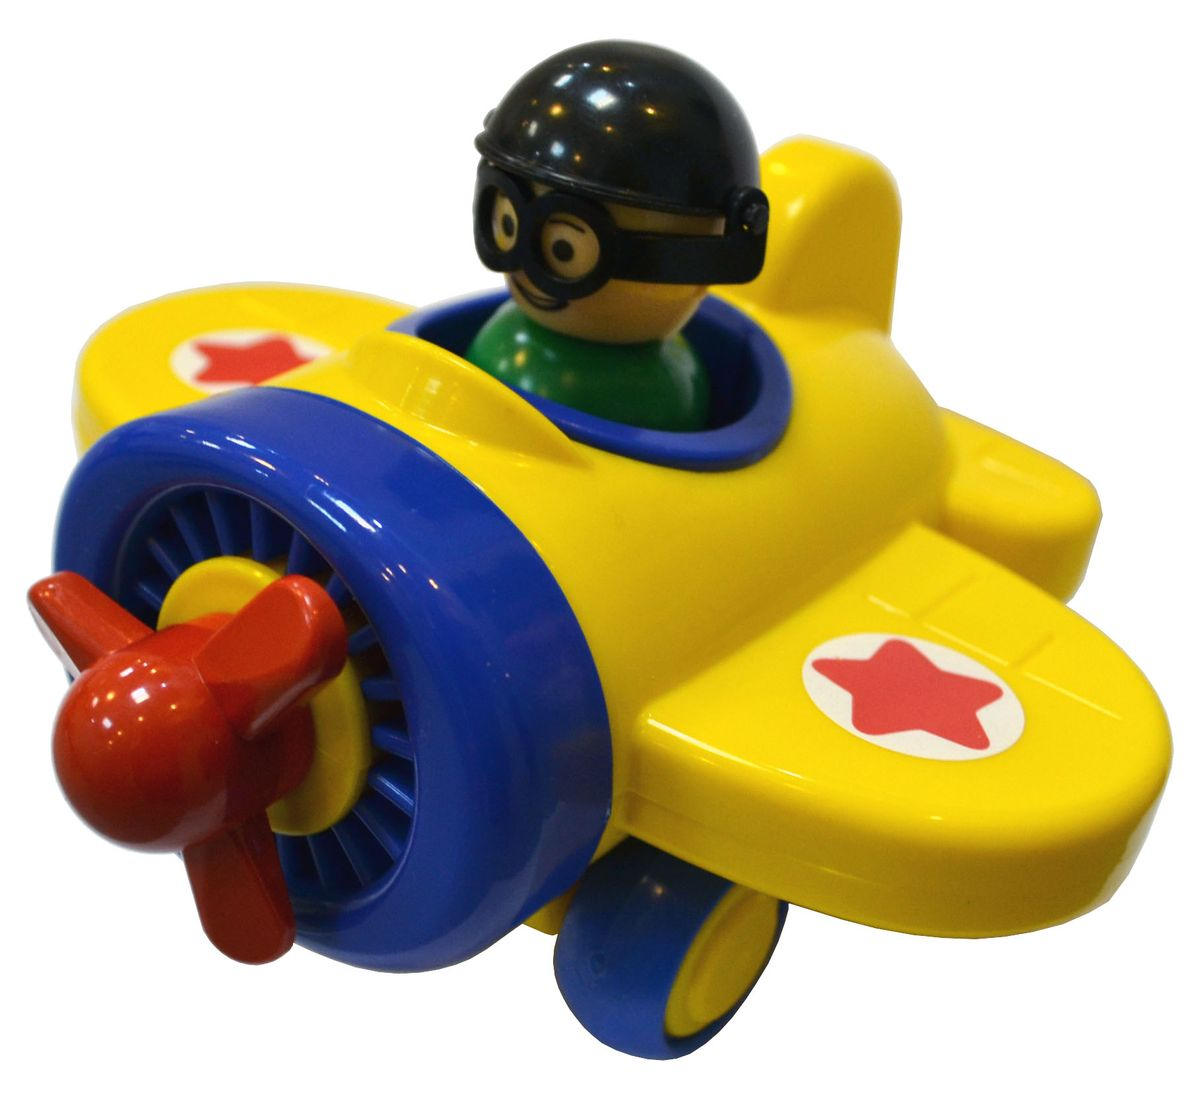 Игрушка Самолетик детский сад - это занимательная игрушка для мальчика. Игрушечный самолет с вращающимся пропеллером и с колесами из ПВХ (поливинилхлорид). Самолет с колесами, благодаря которым самолет можно пускать по полу кататься, оснащен инерционным механизмом. В кабине самолета есть фигурка пилота, которого можно вынуть из самолета.